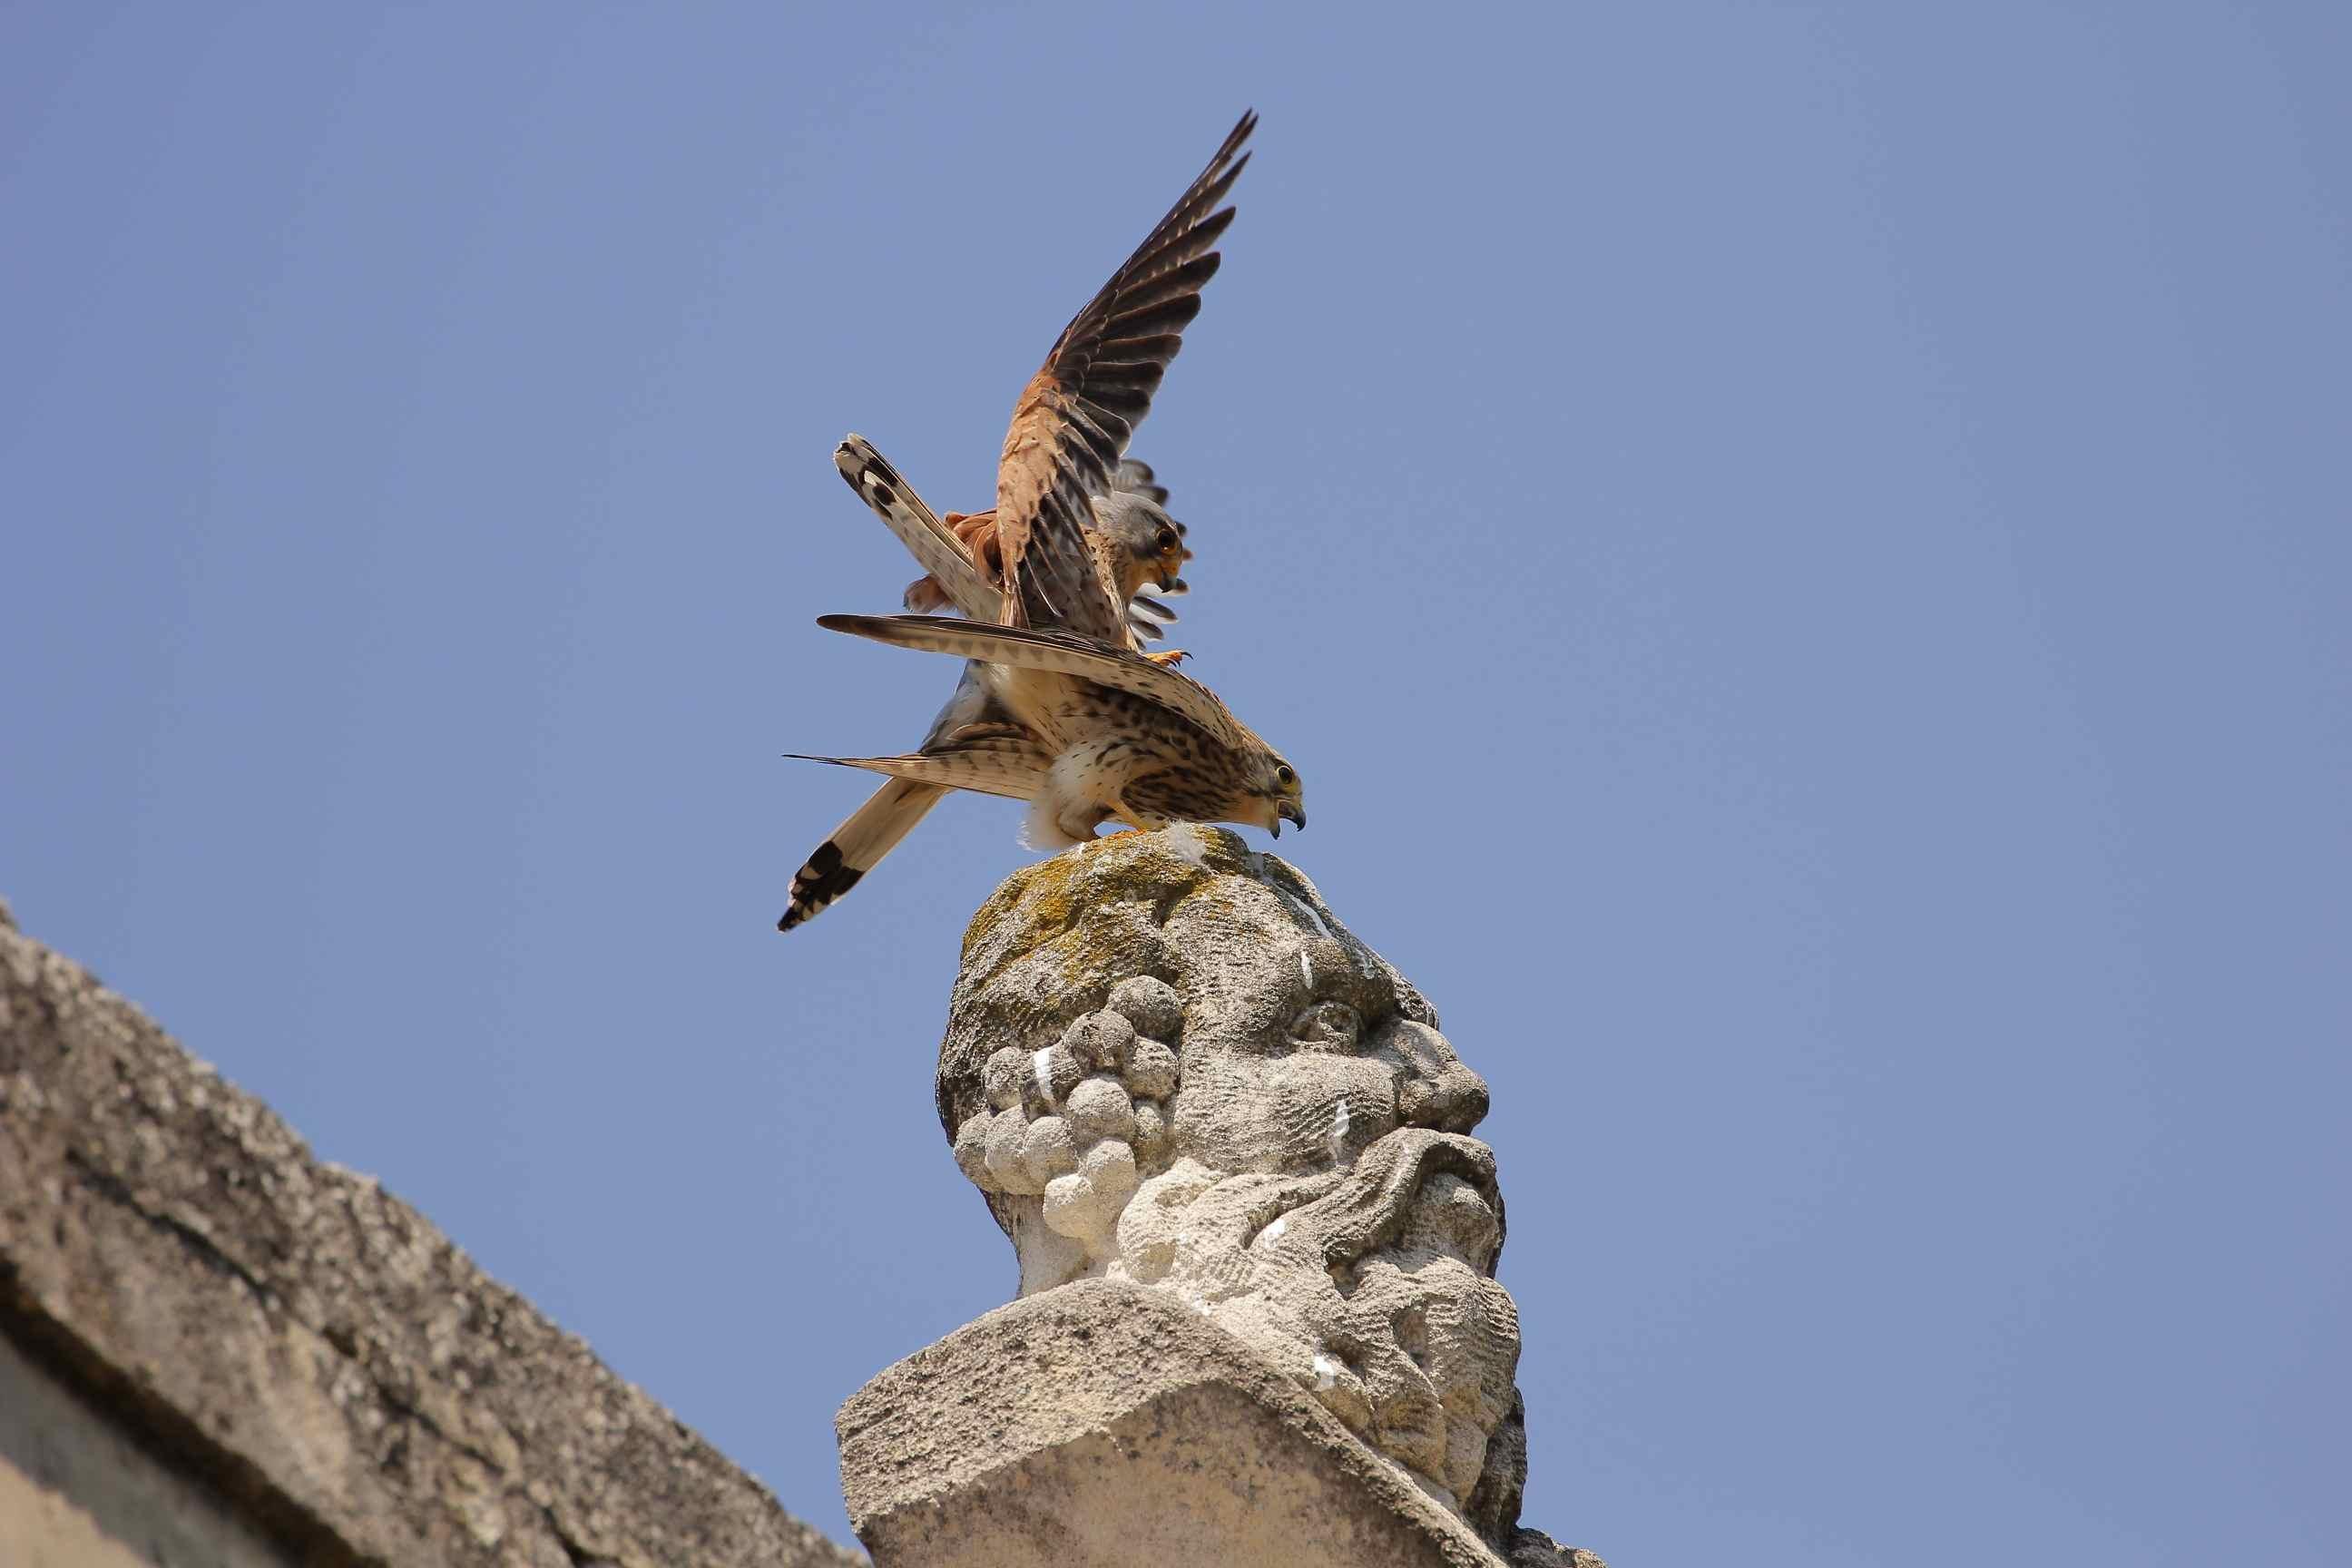 Mating falcons